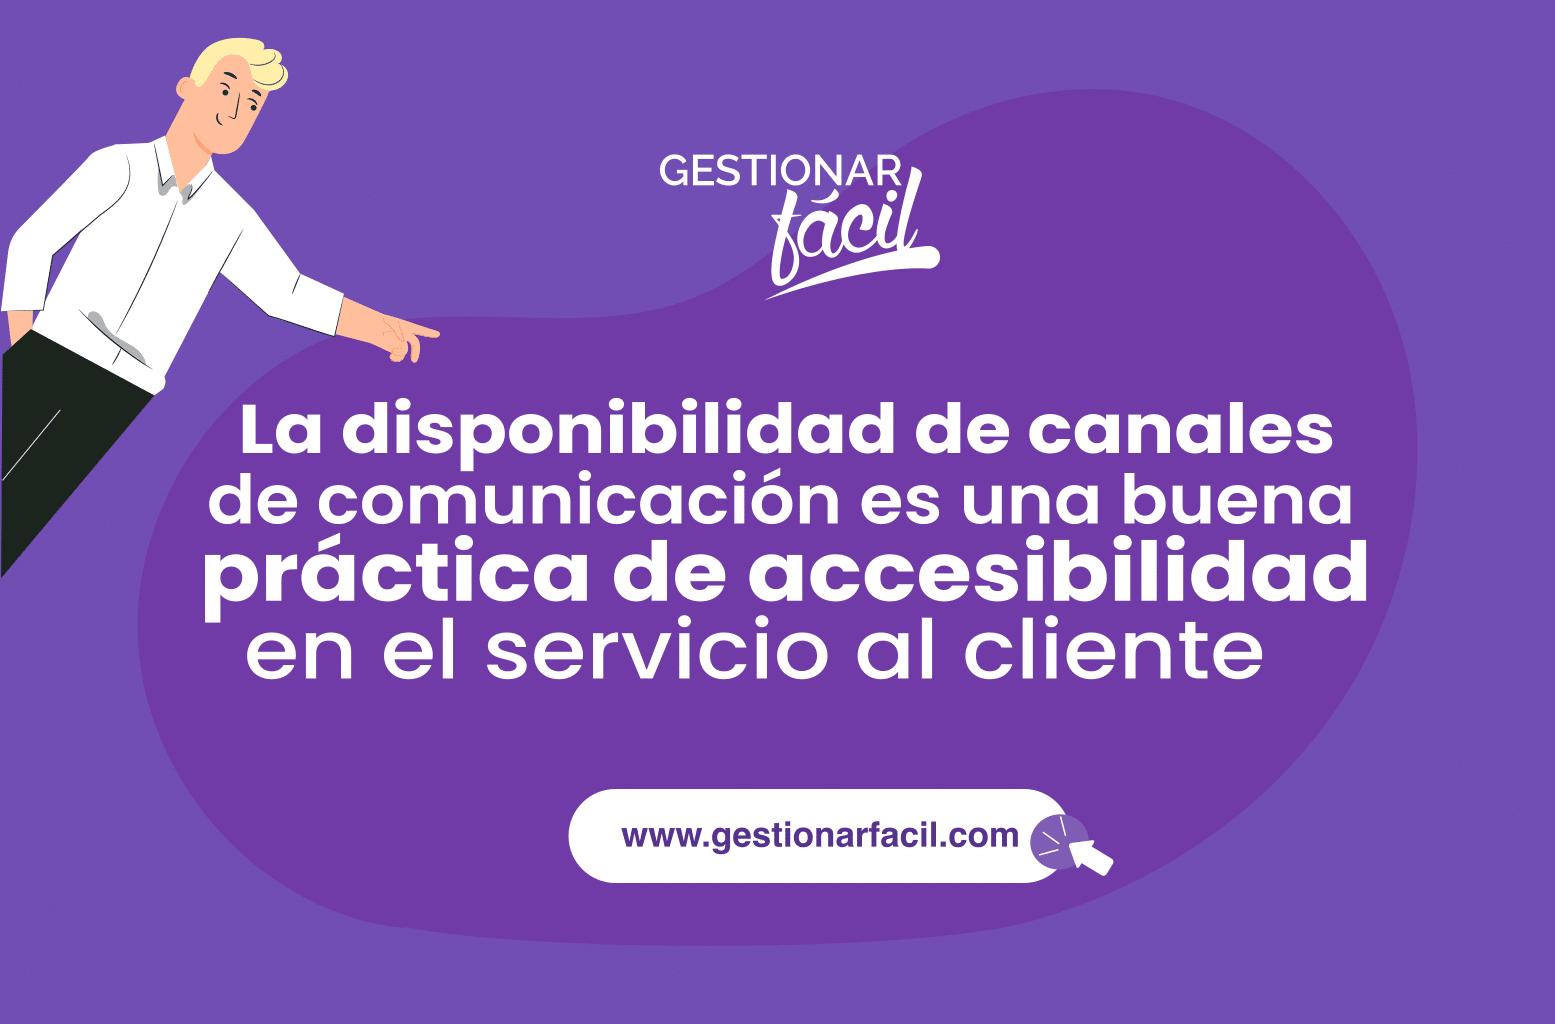 La disponibilidad de canales de comunicación es una buena práctica de accesibilidad en el servicio al cliente.